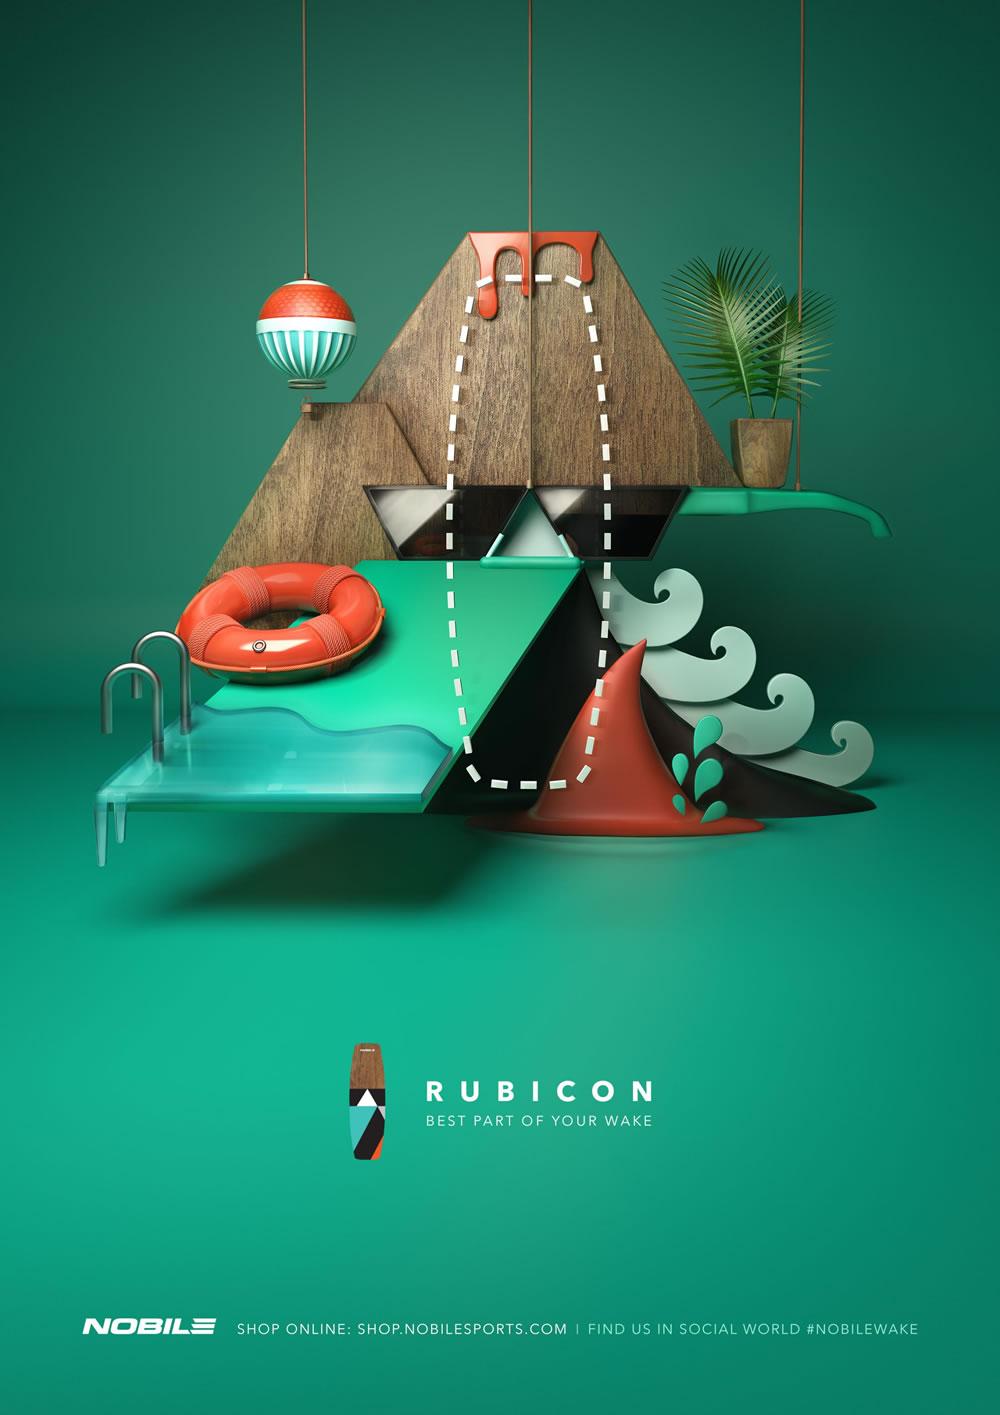 Inspiration - 130 Publicités créatives de Juillet 2017 68